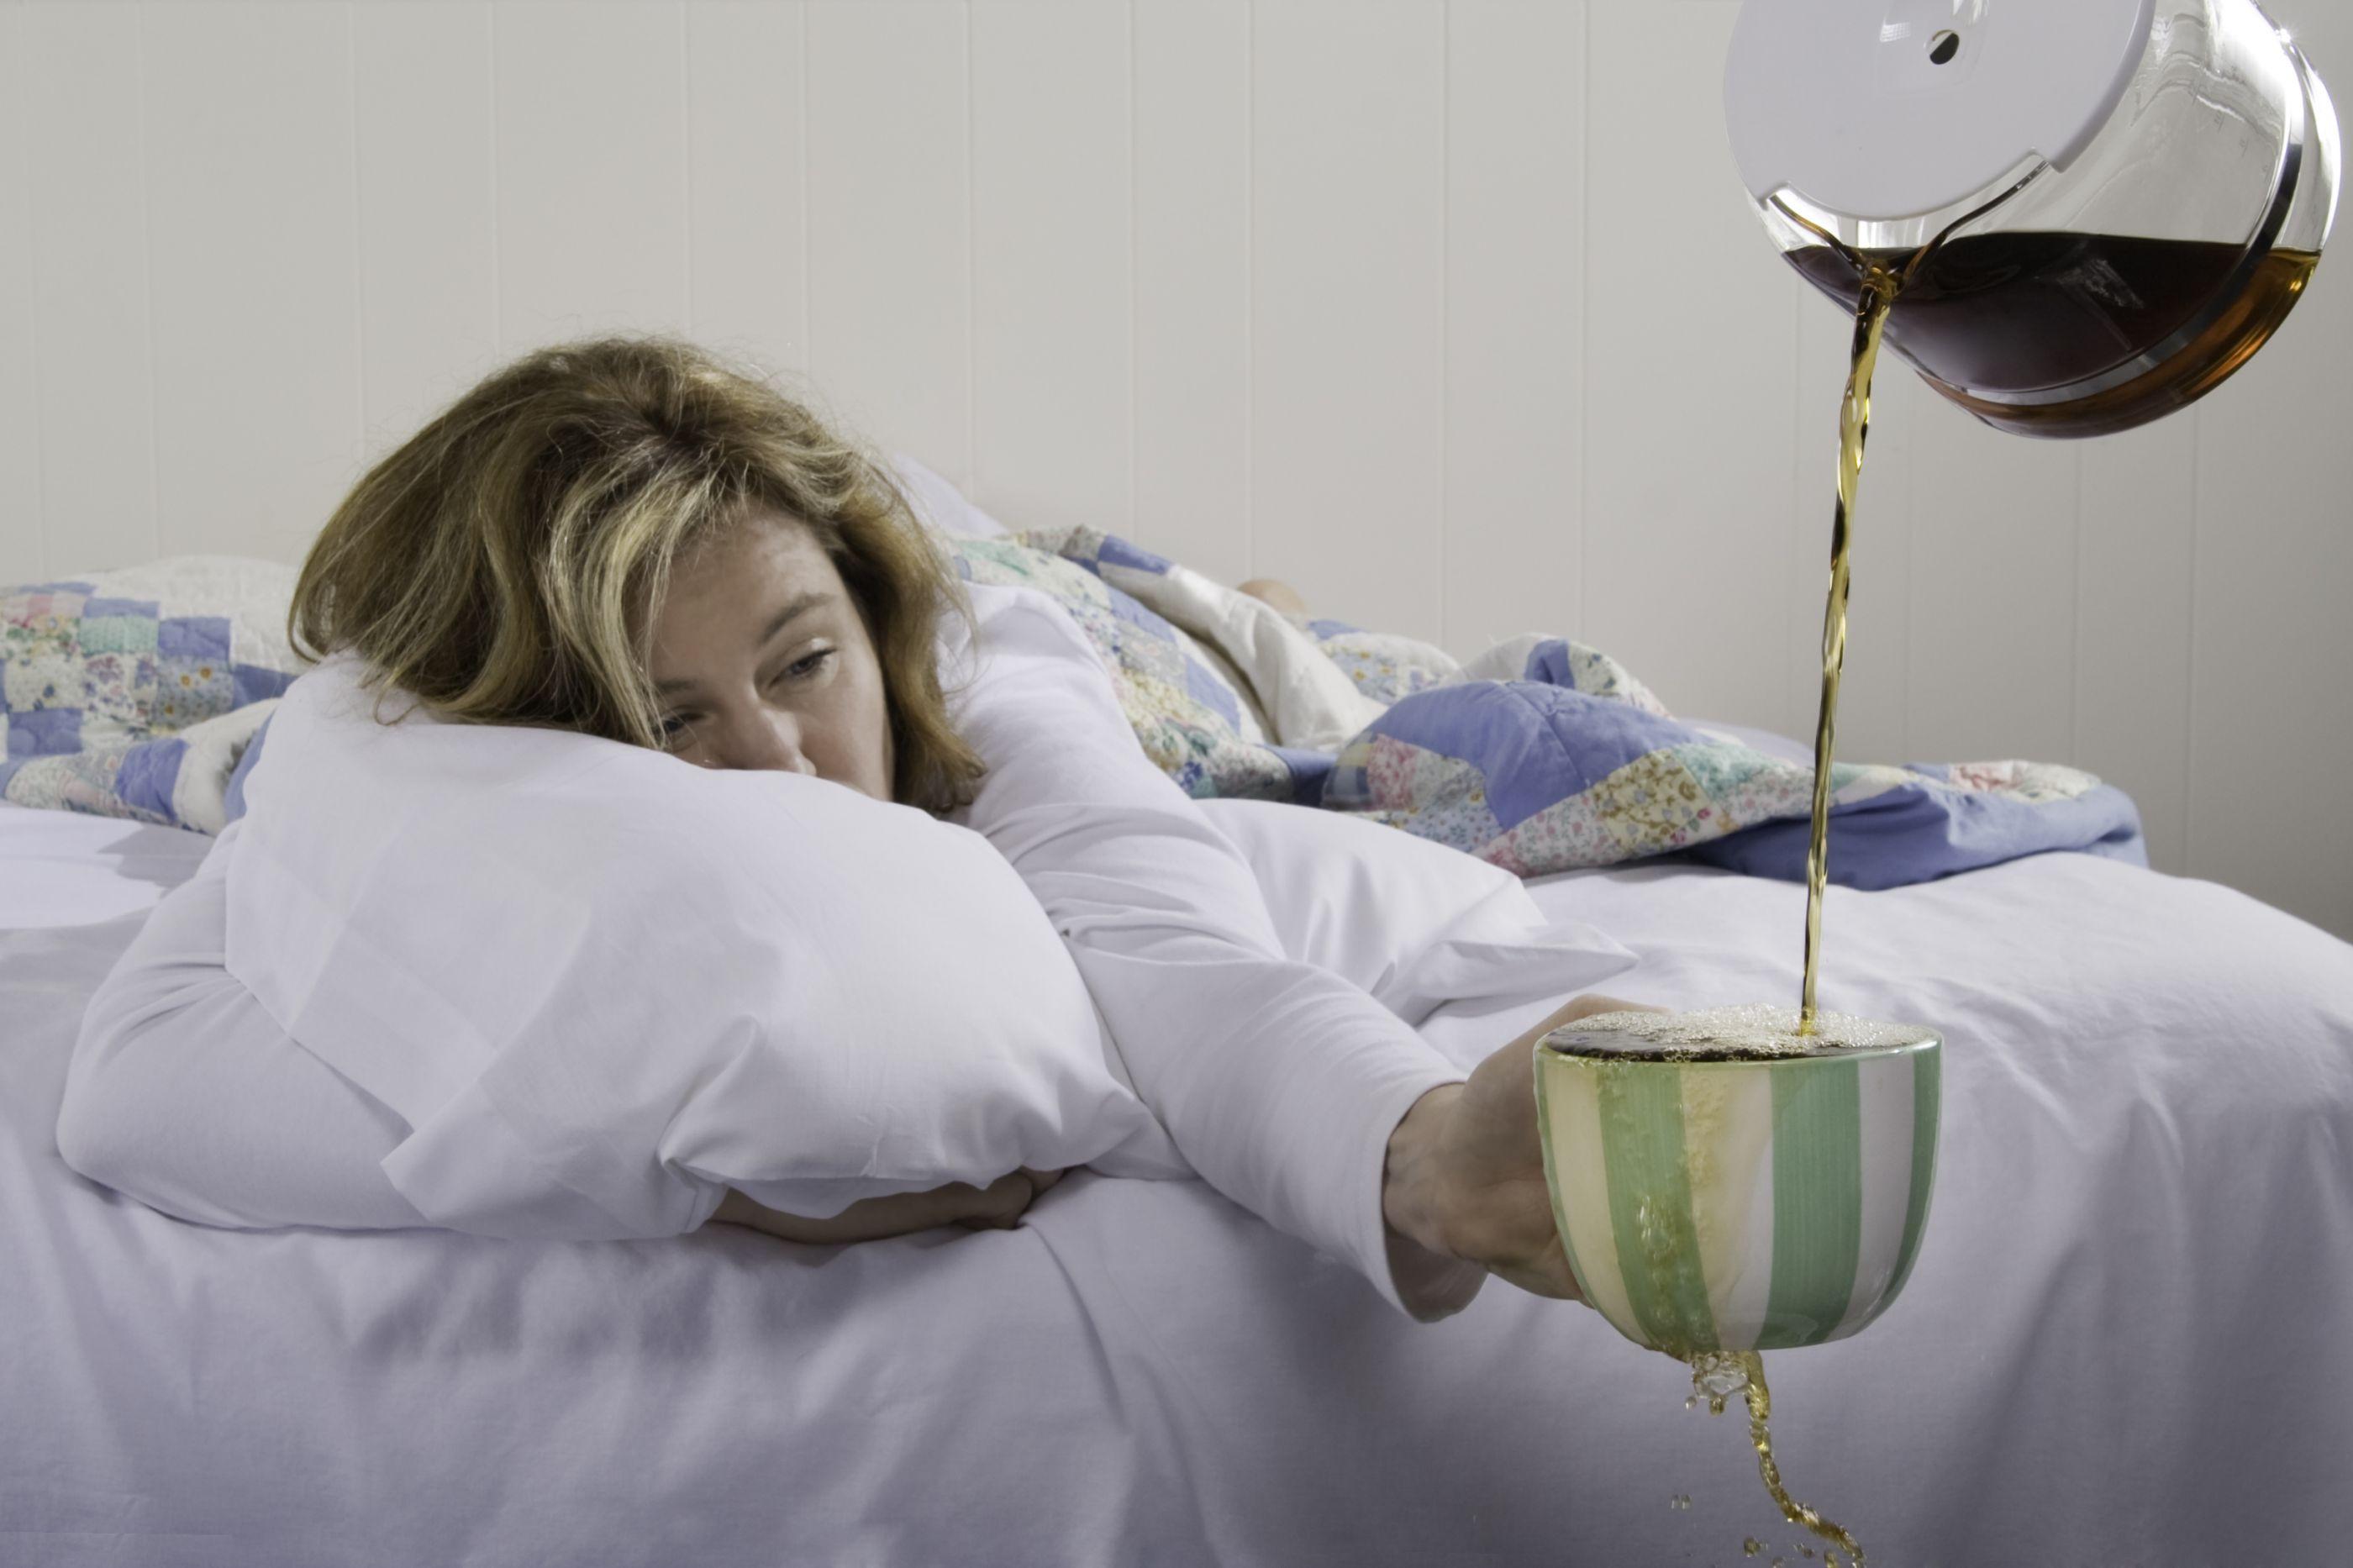 O que comer (e não comer) para evitar o cansaço extremo